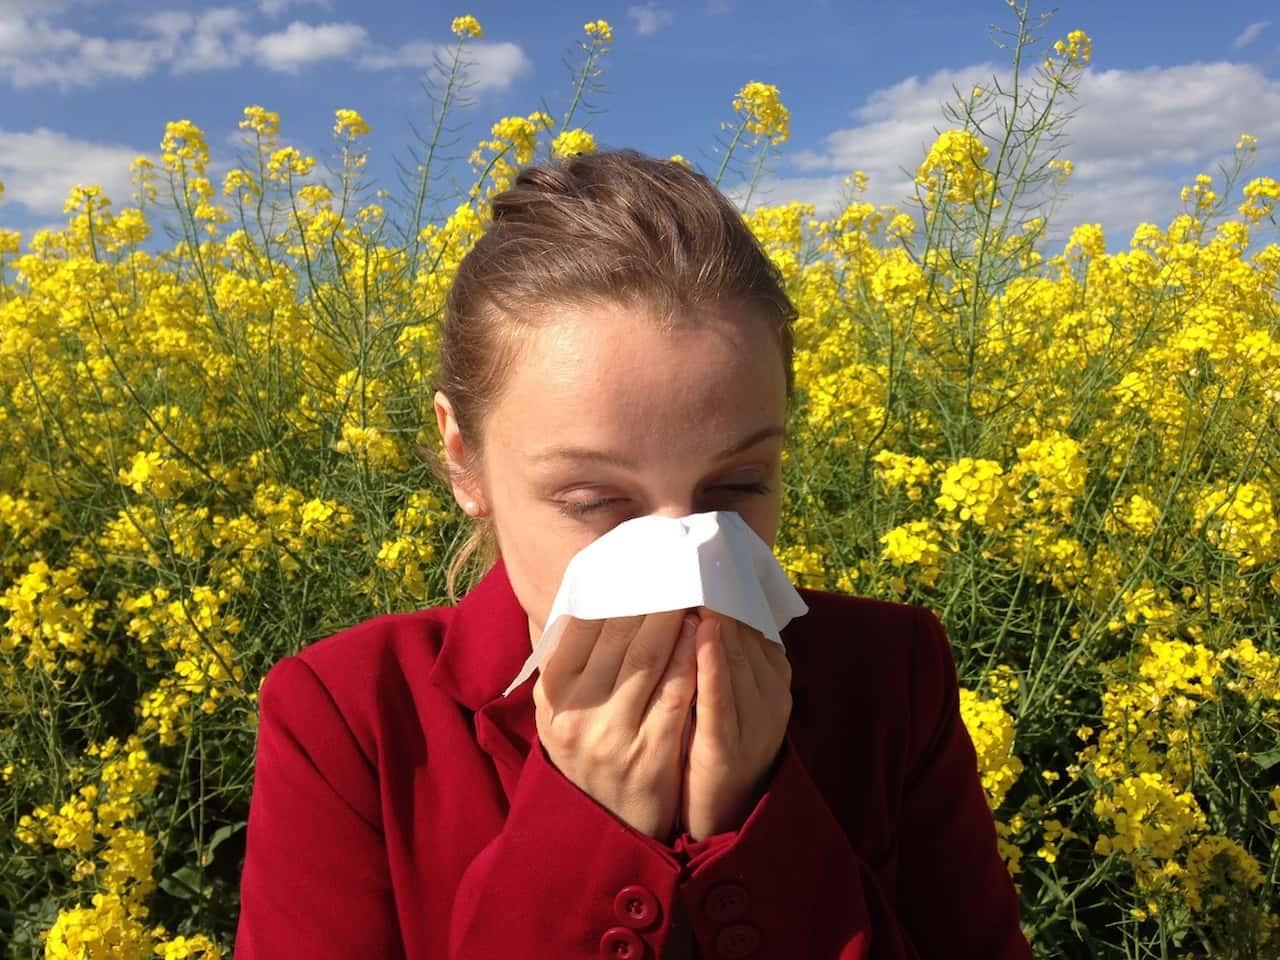 Le allergie peggiorano col cambiamento climatico